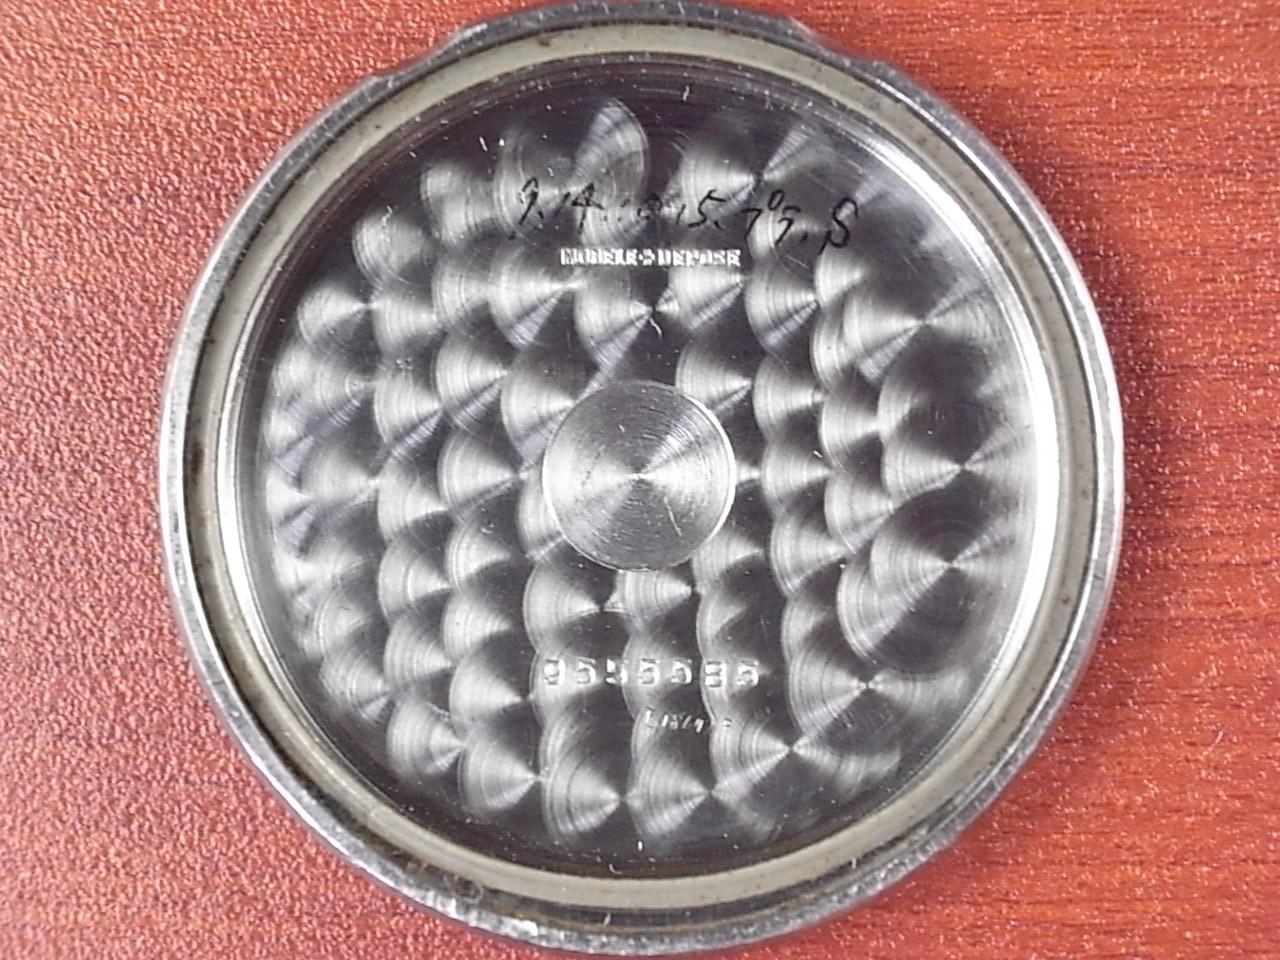 レマニア クロノグラフ Cal.13CH ブラックダイアル スナップ防水ケース 1940年代の写真6枚目